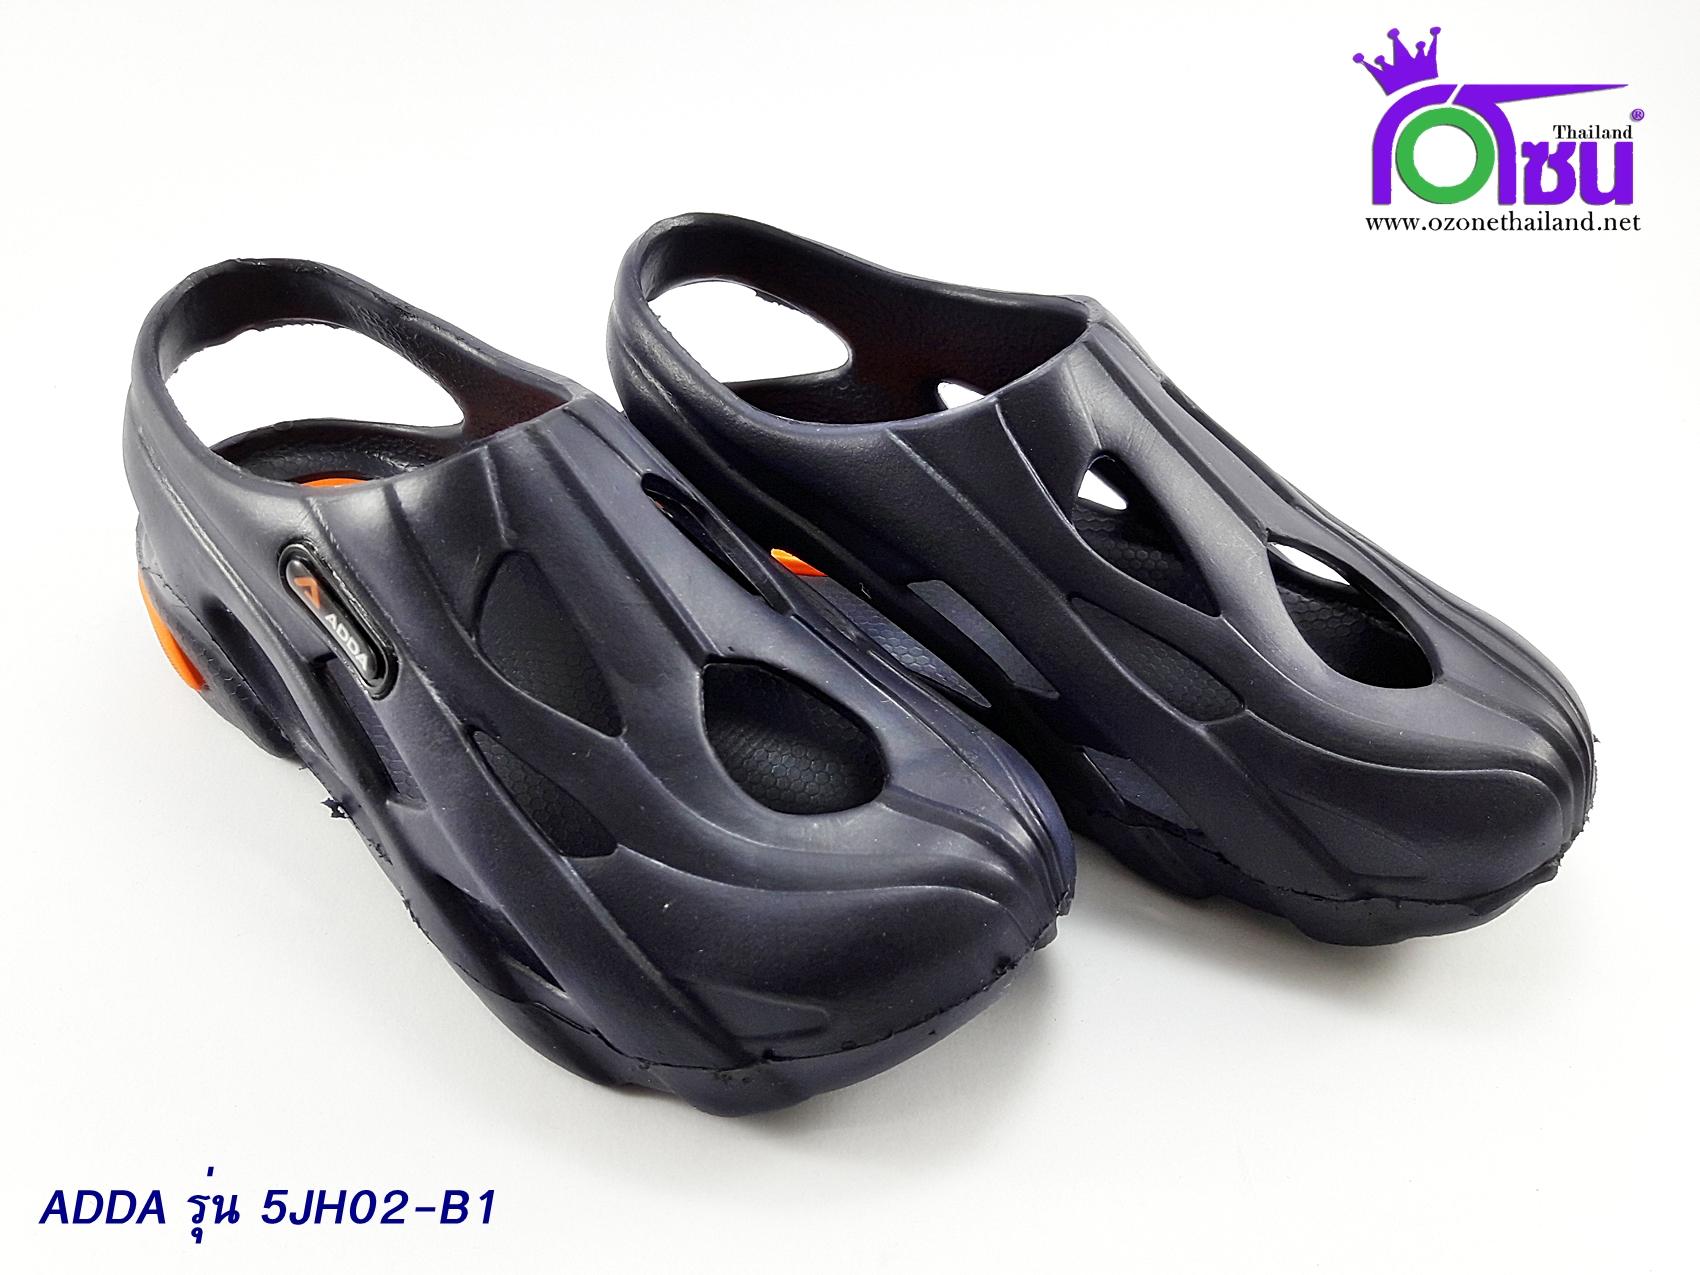 รองเท้า แอ๊ดด้า เด็ก ADDA รุ่น 5JH02-B1 สีกรม เบอร์ 11-3